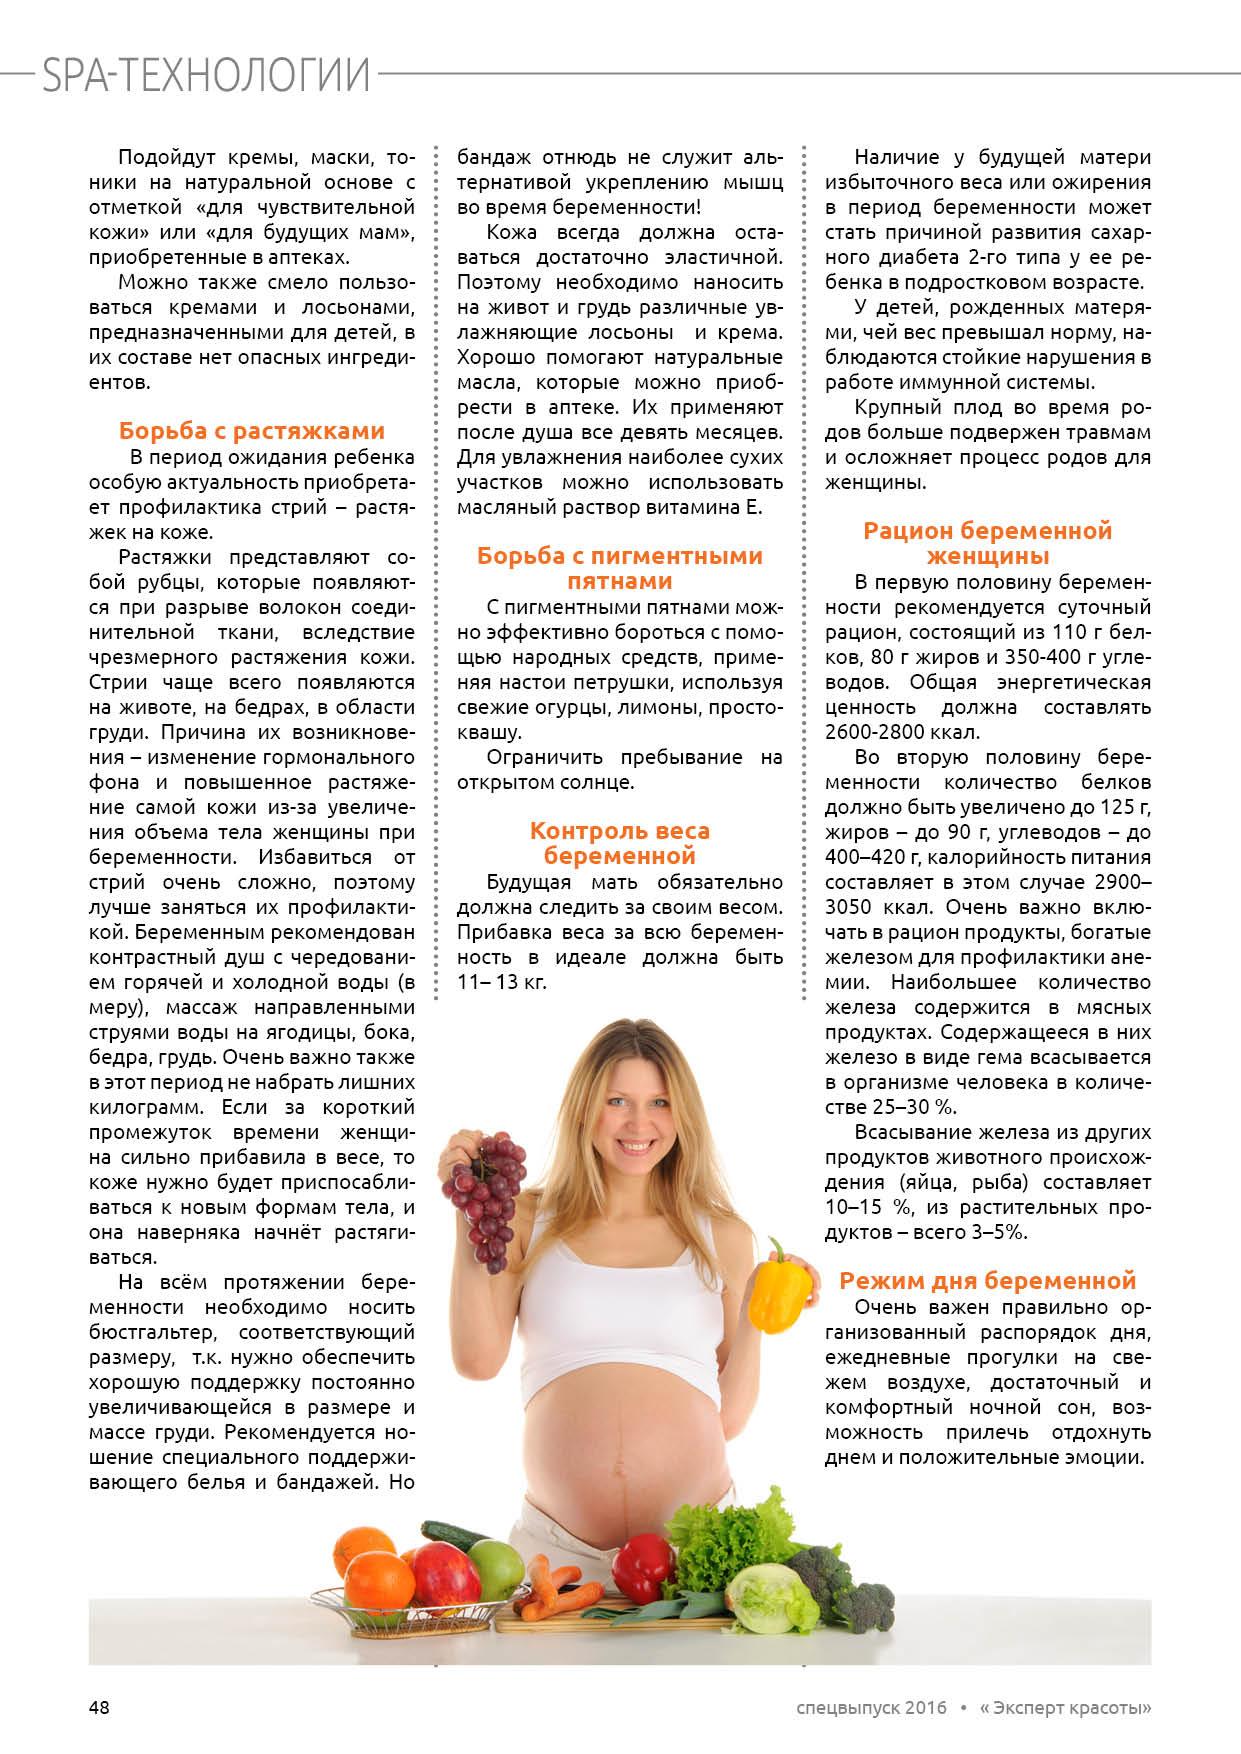 Рекомендуемый режим дня для беременных 432